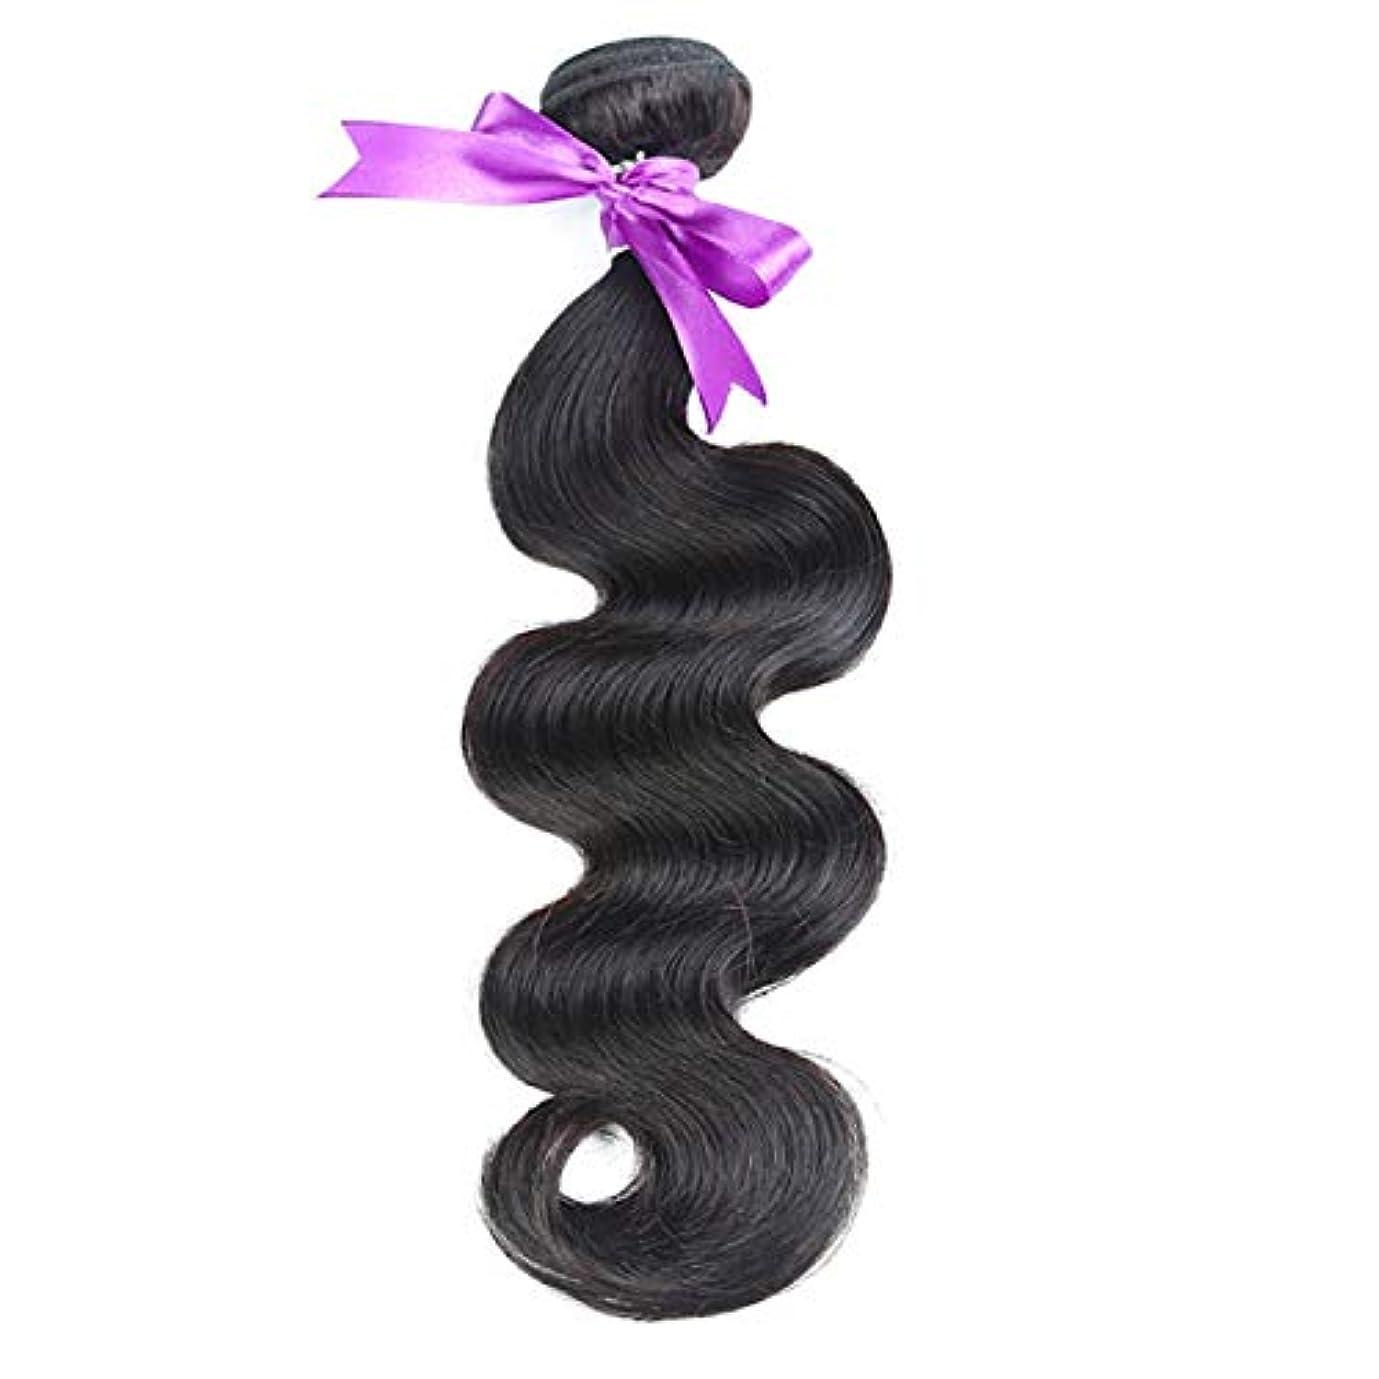 やさしく強大な以降ペルーの髪織り実体波髪バンドル100%人間の髪織りナチュラルカラー非レミー髪8-30インチ1ピース (Stretched Length : 8inches)